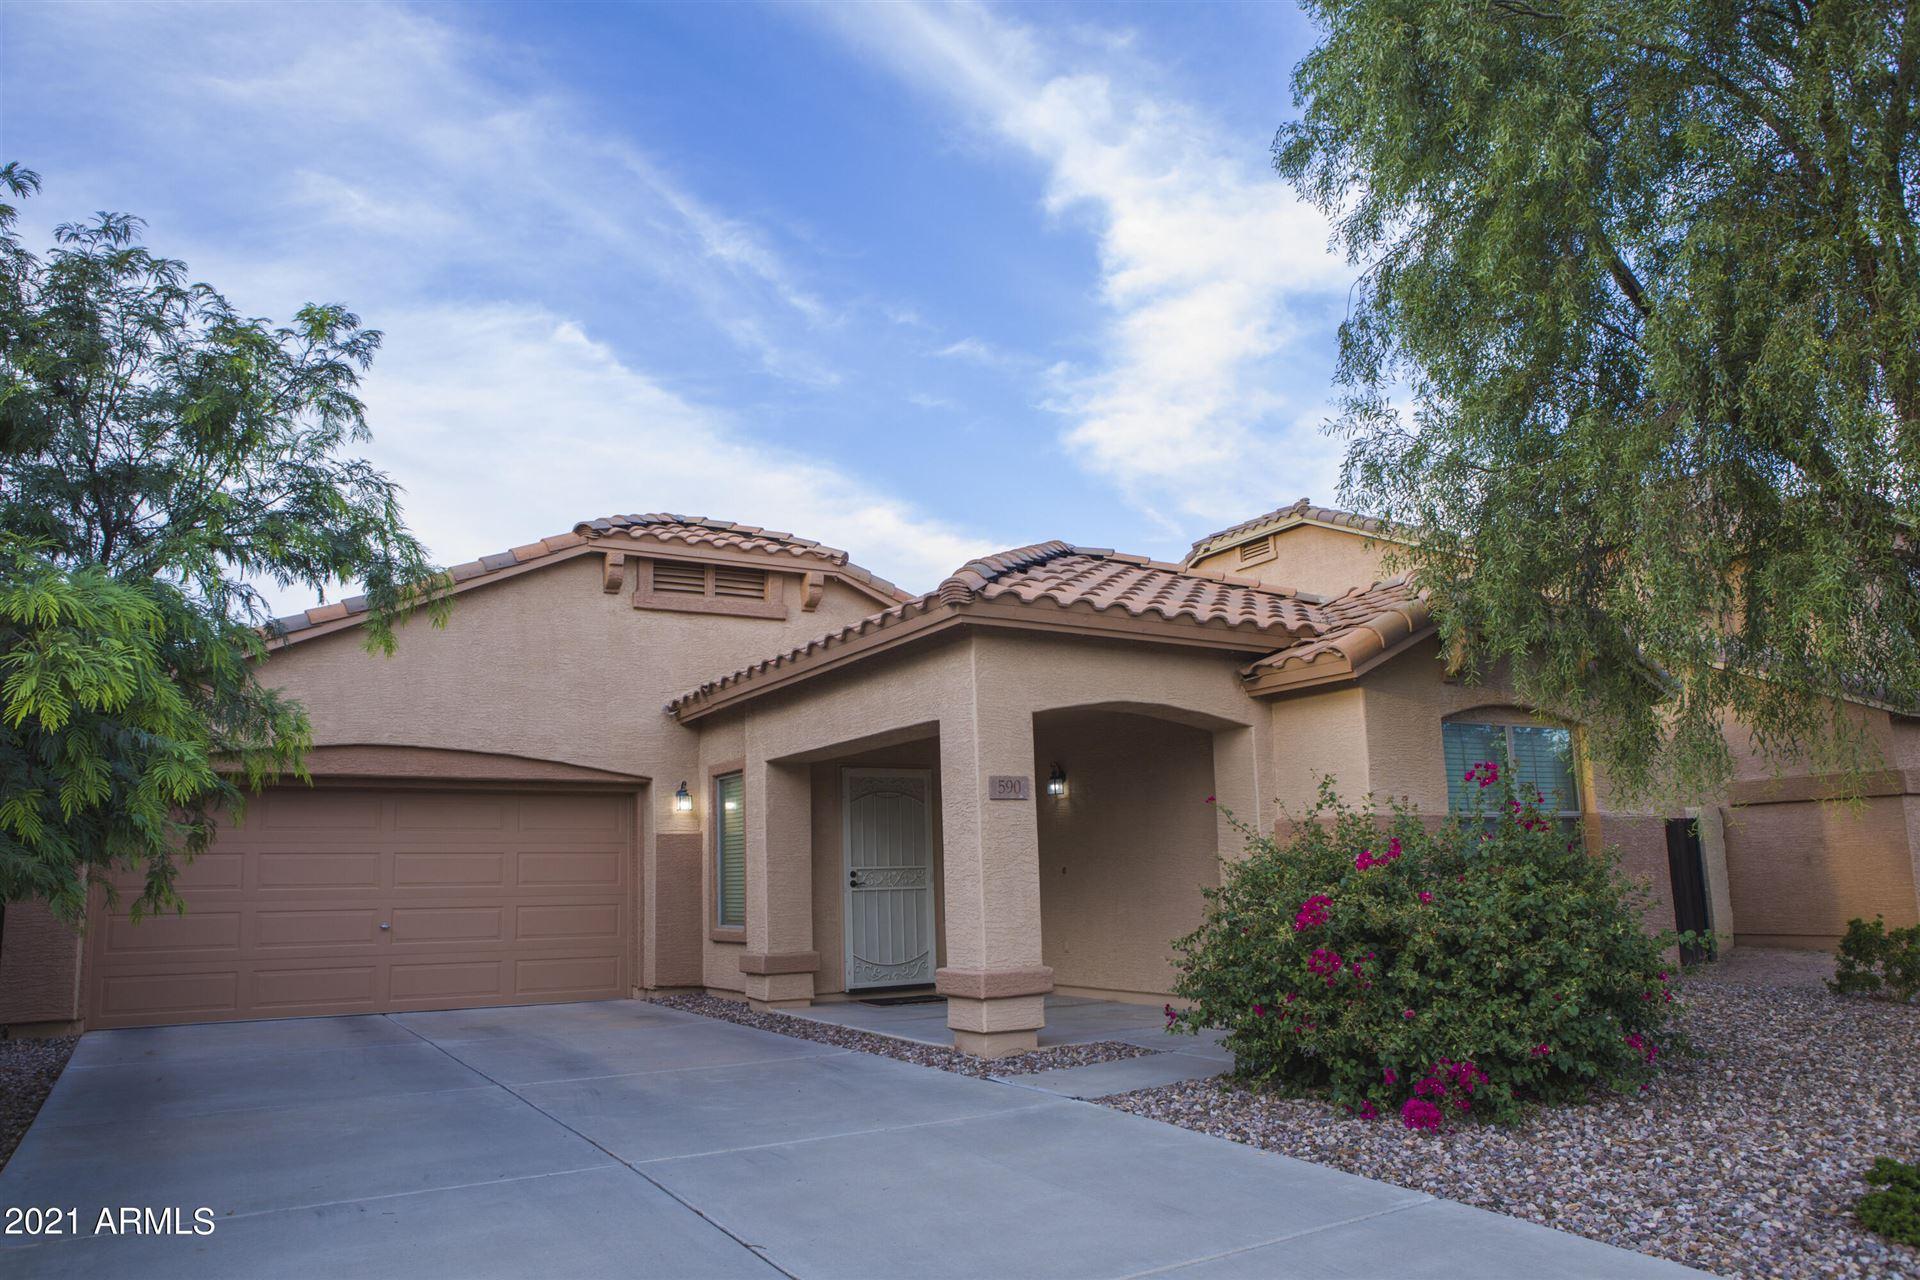 Photo of 590 E Press Road, San Tan Valley, AZ 85140 (MLS # 6303485)